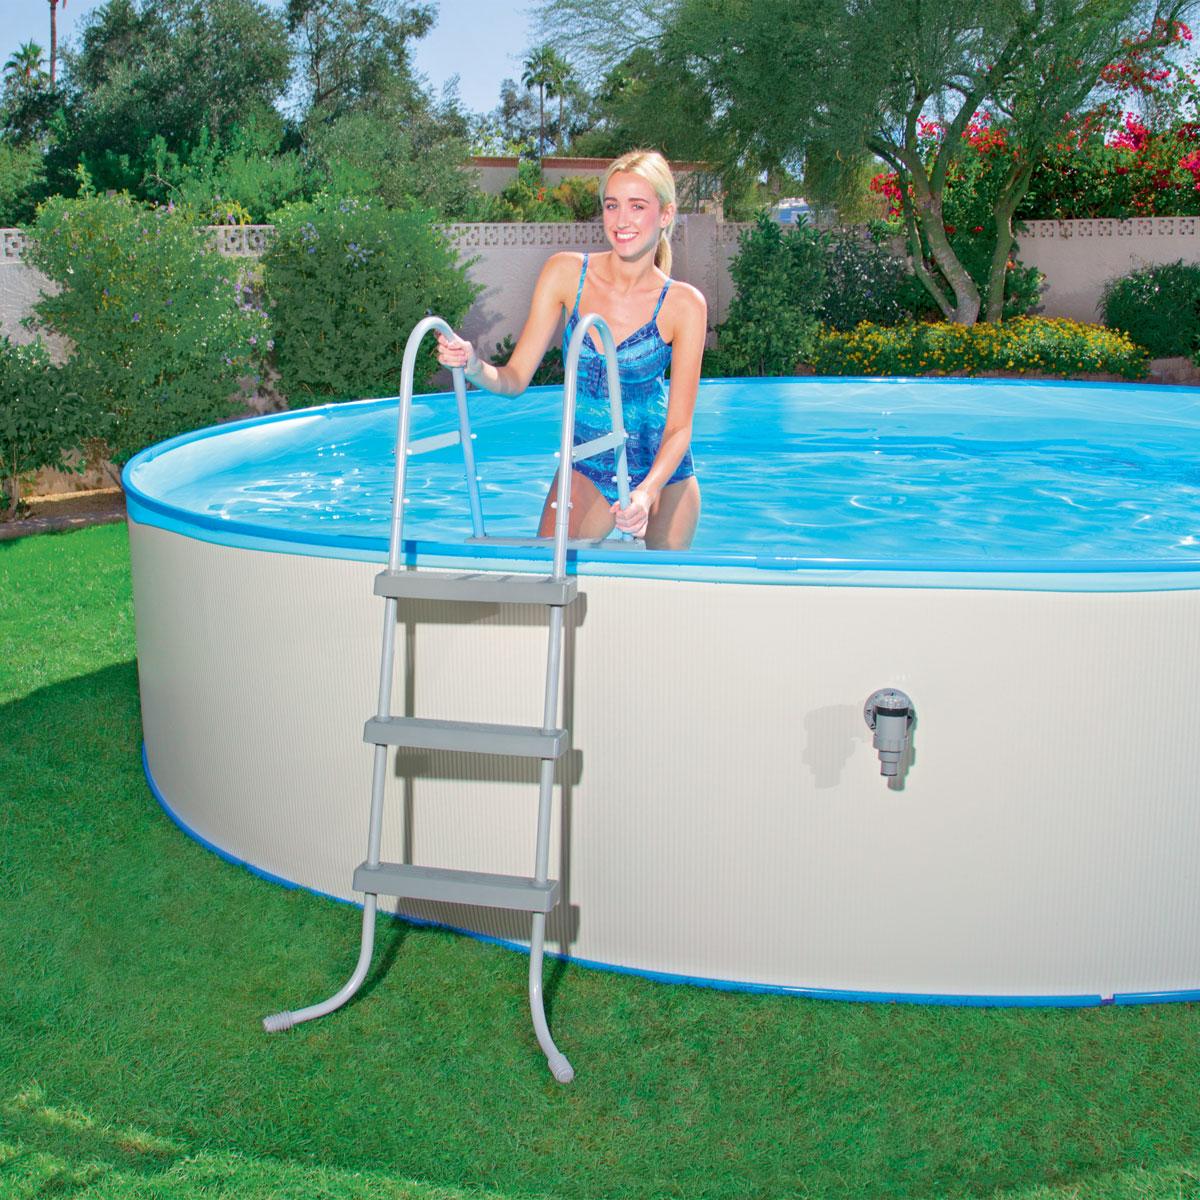 Лестница для бассейнов 91 см58393